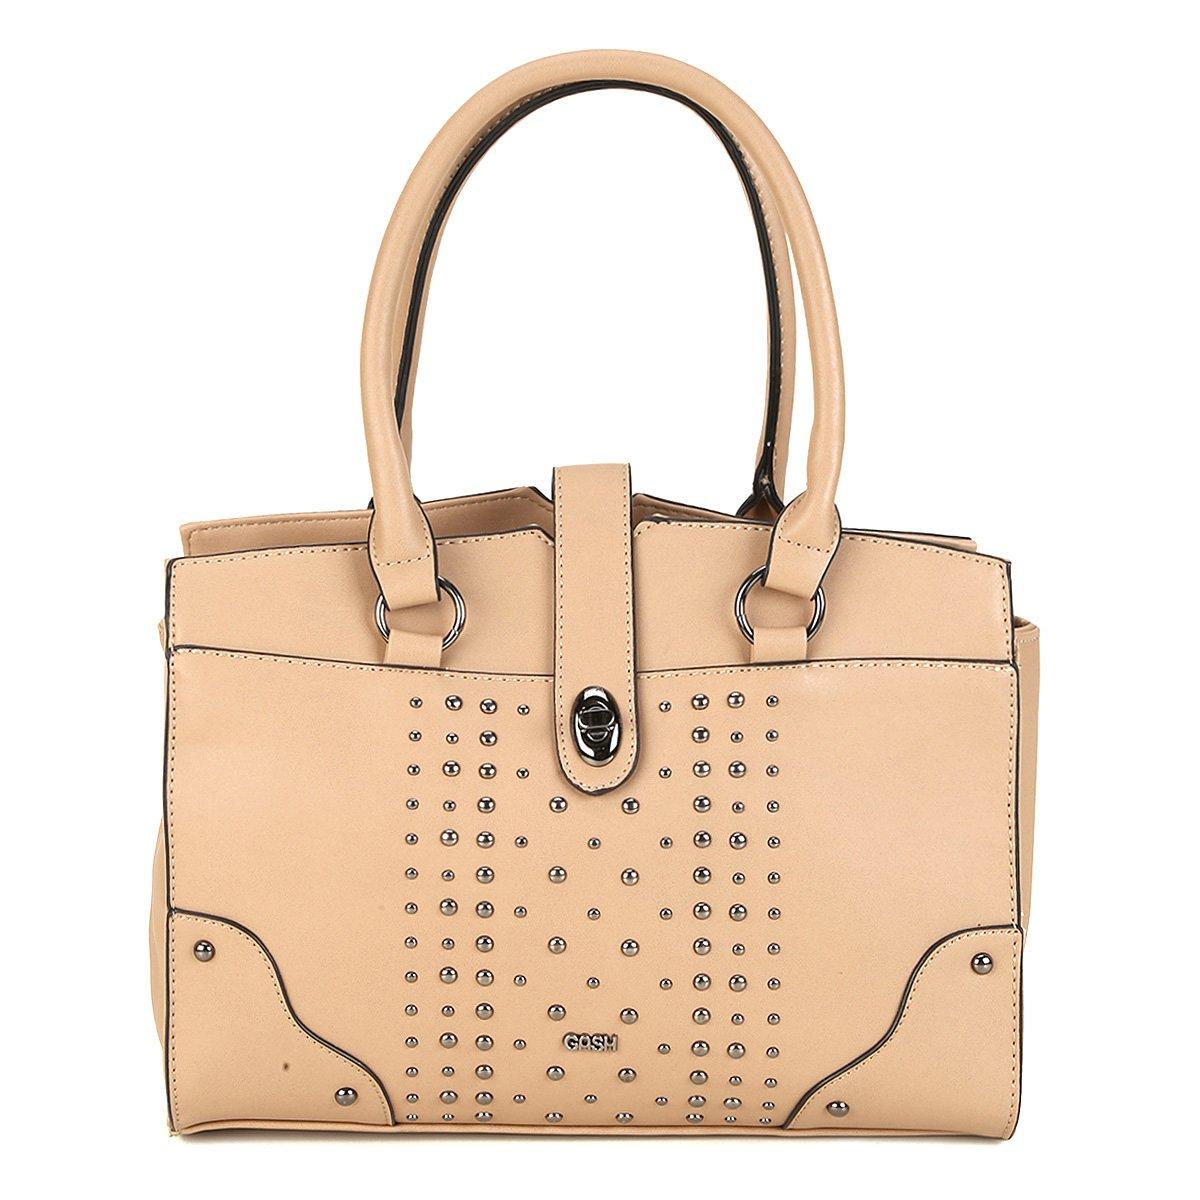 60cde77d6 Bolsa Gash Handbag Apliques Feminina - Compre Agora | Zattini